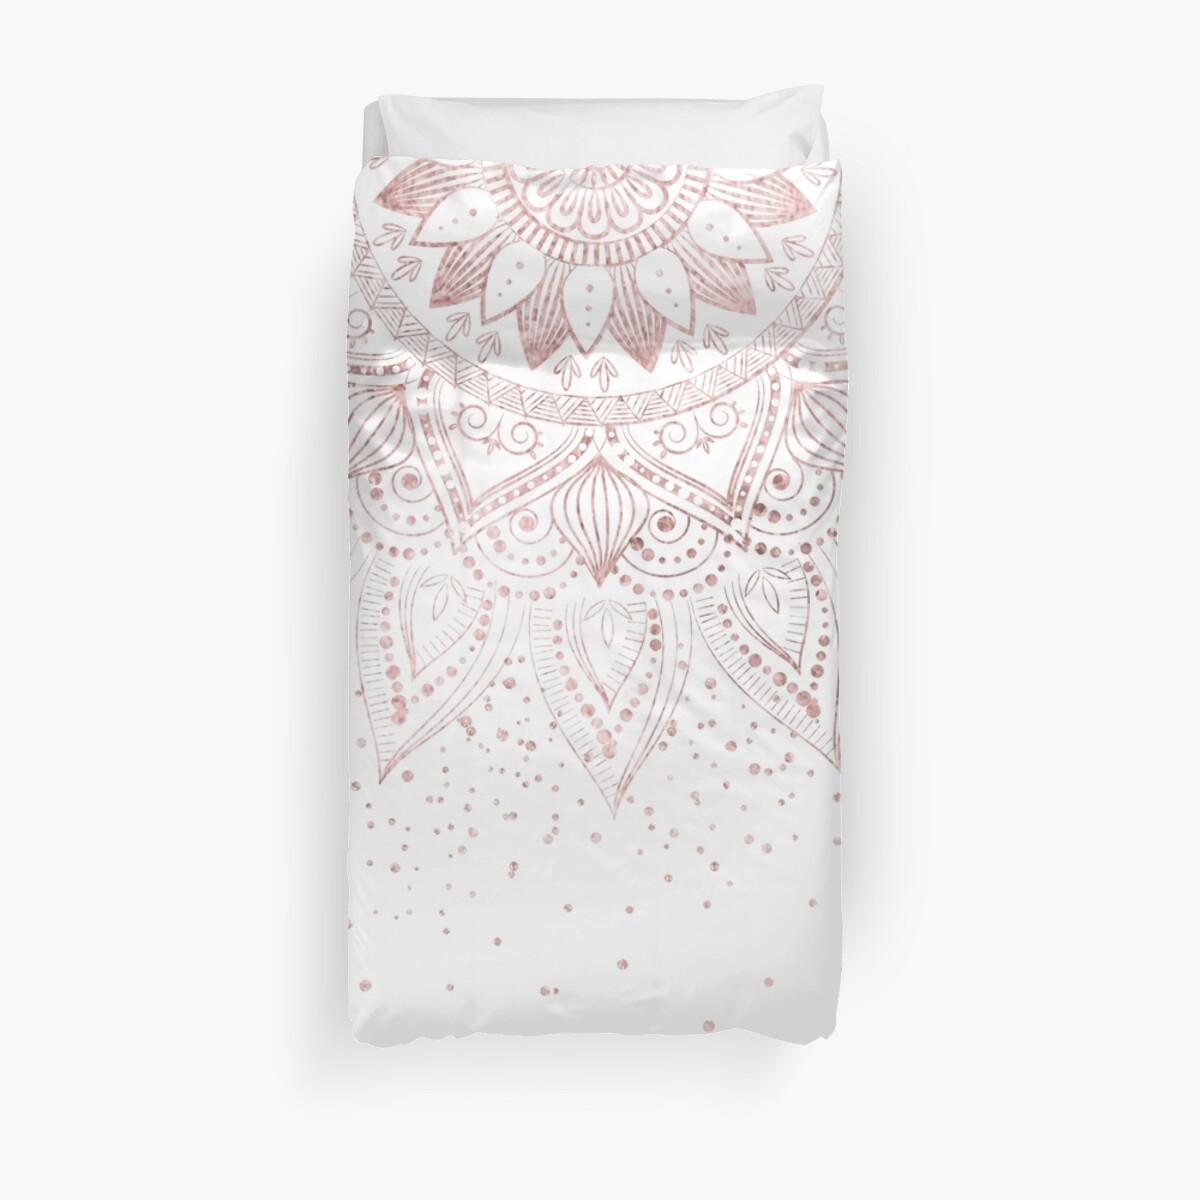 Eleganter Rosengoldmandala-Konfettientwurf von InovArtS